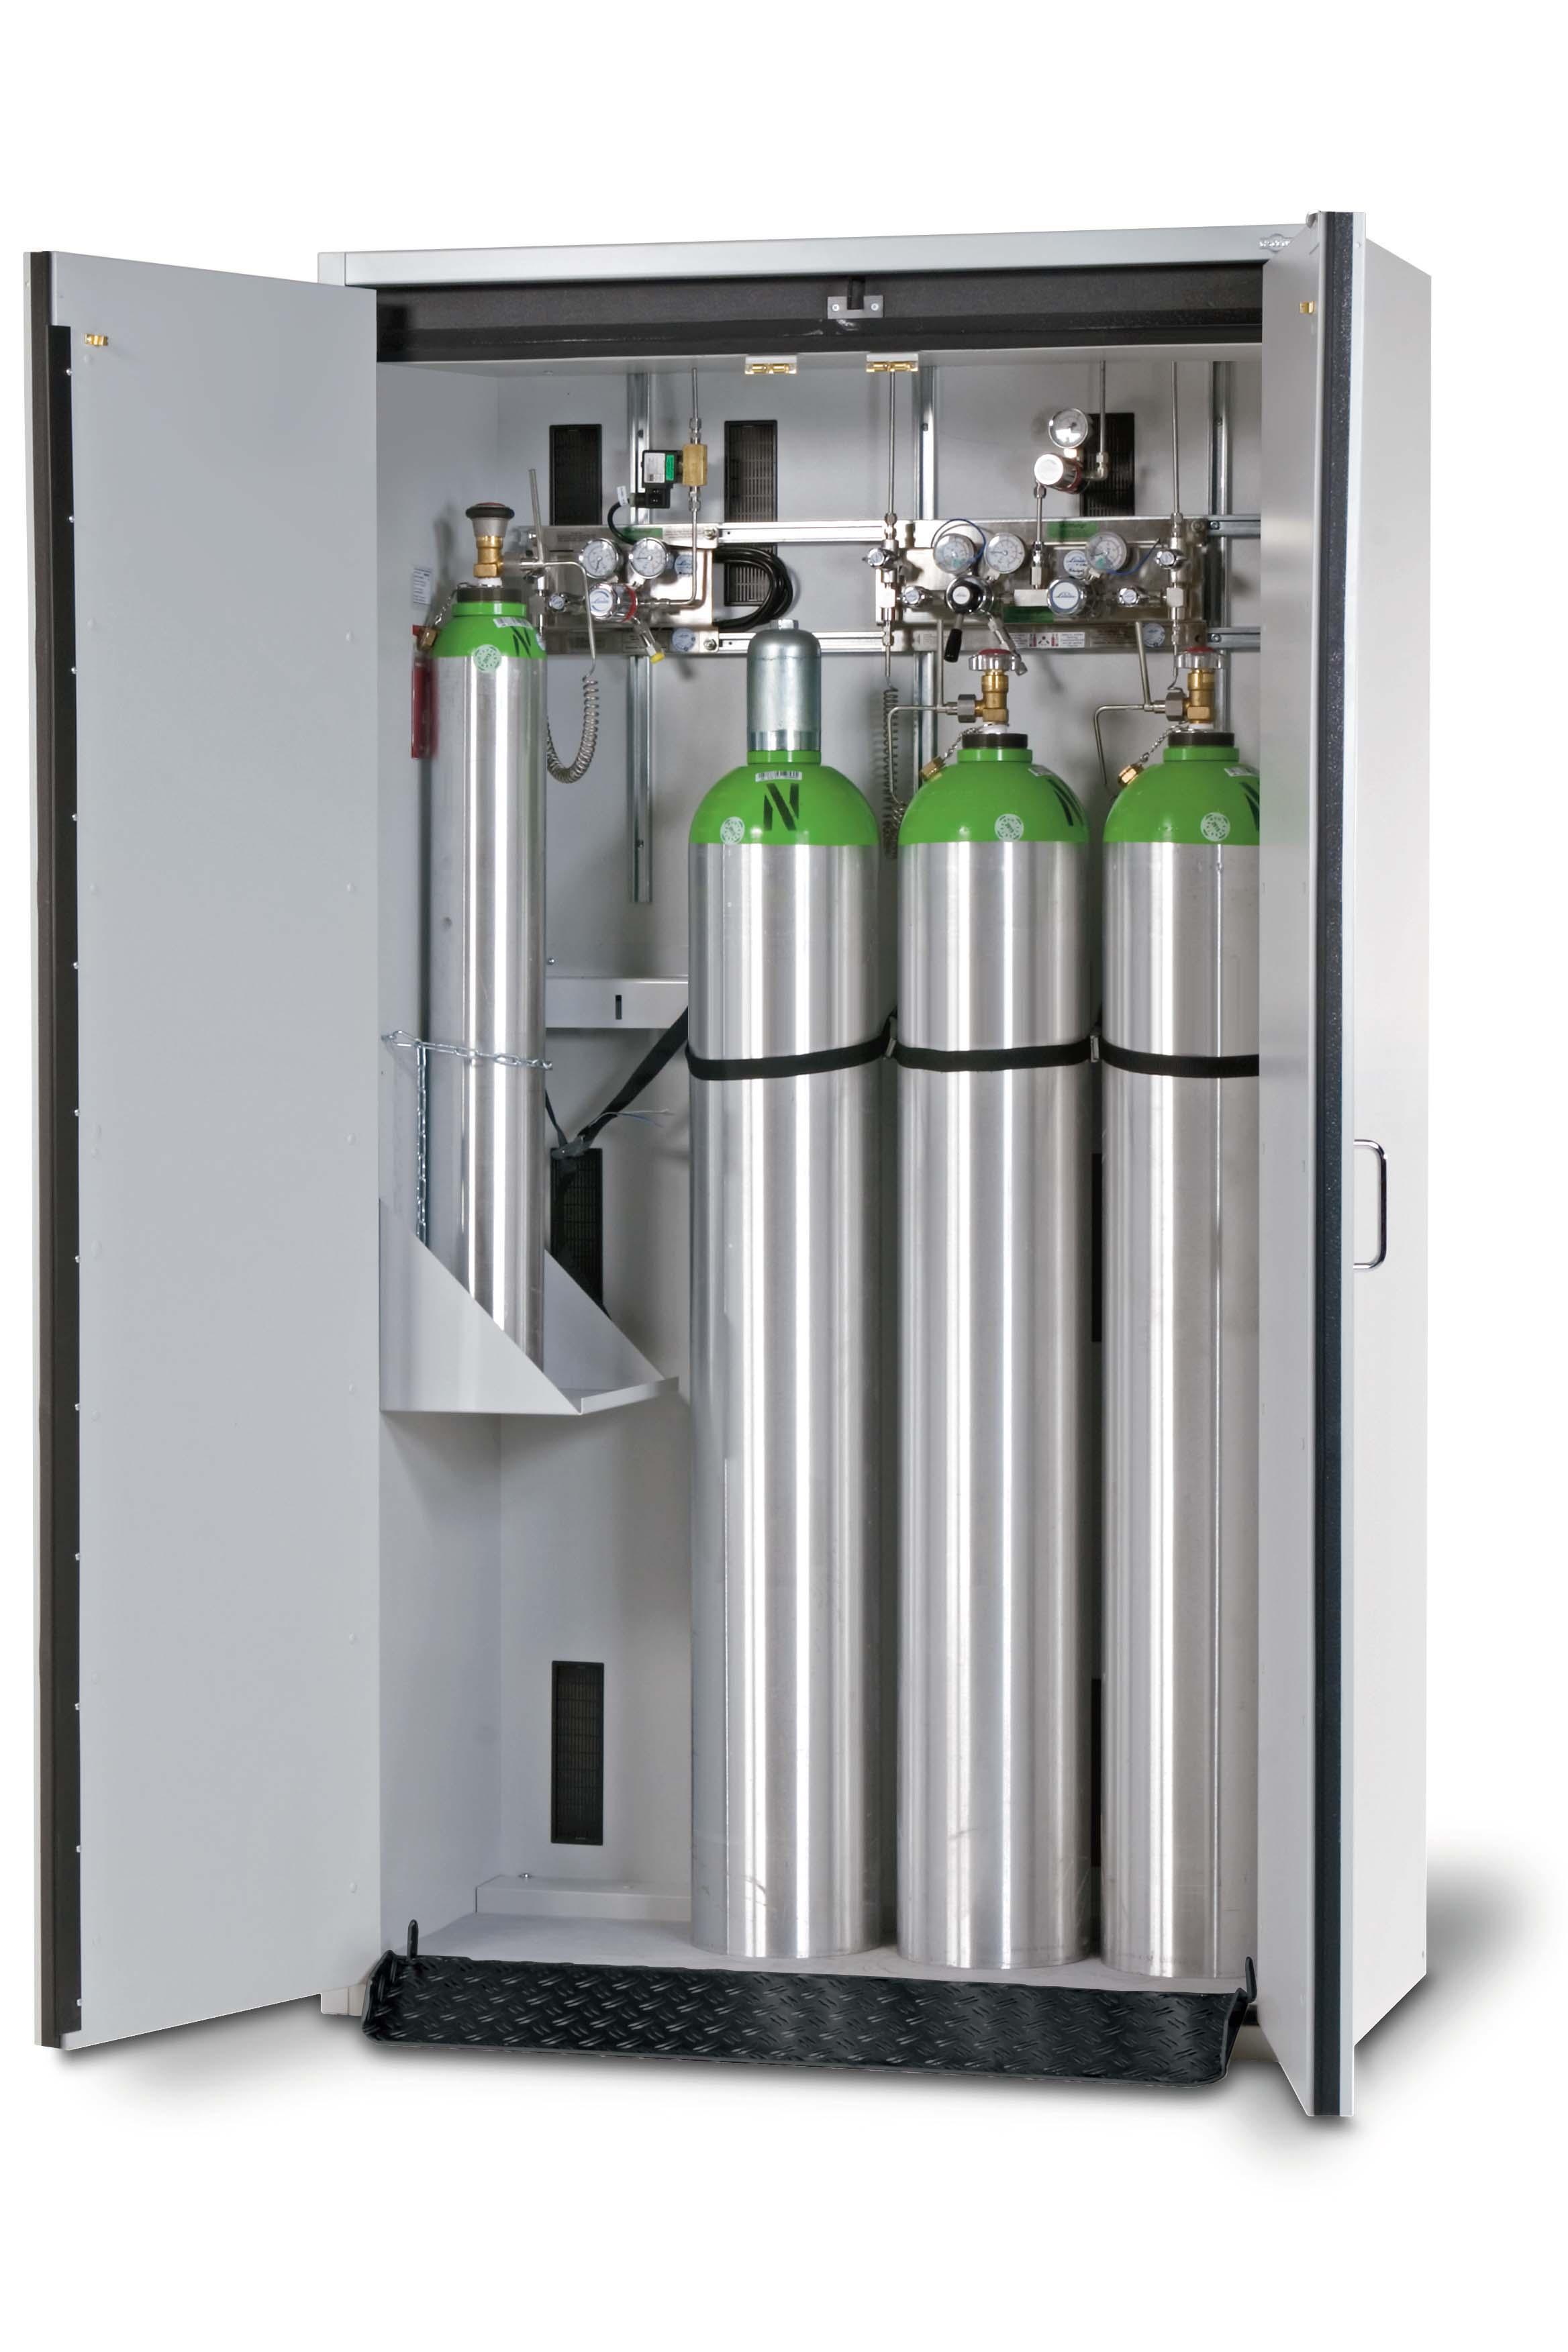 Gas cylinder cabinets EN 14470